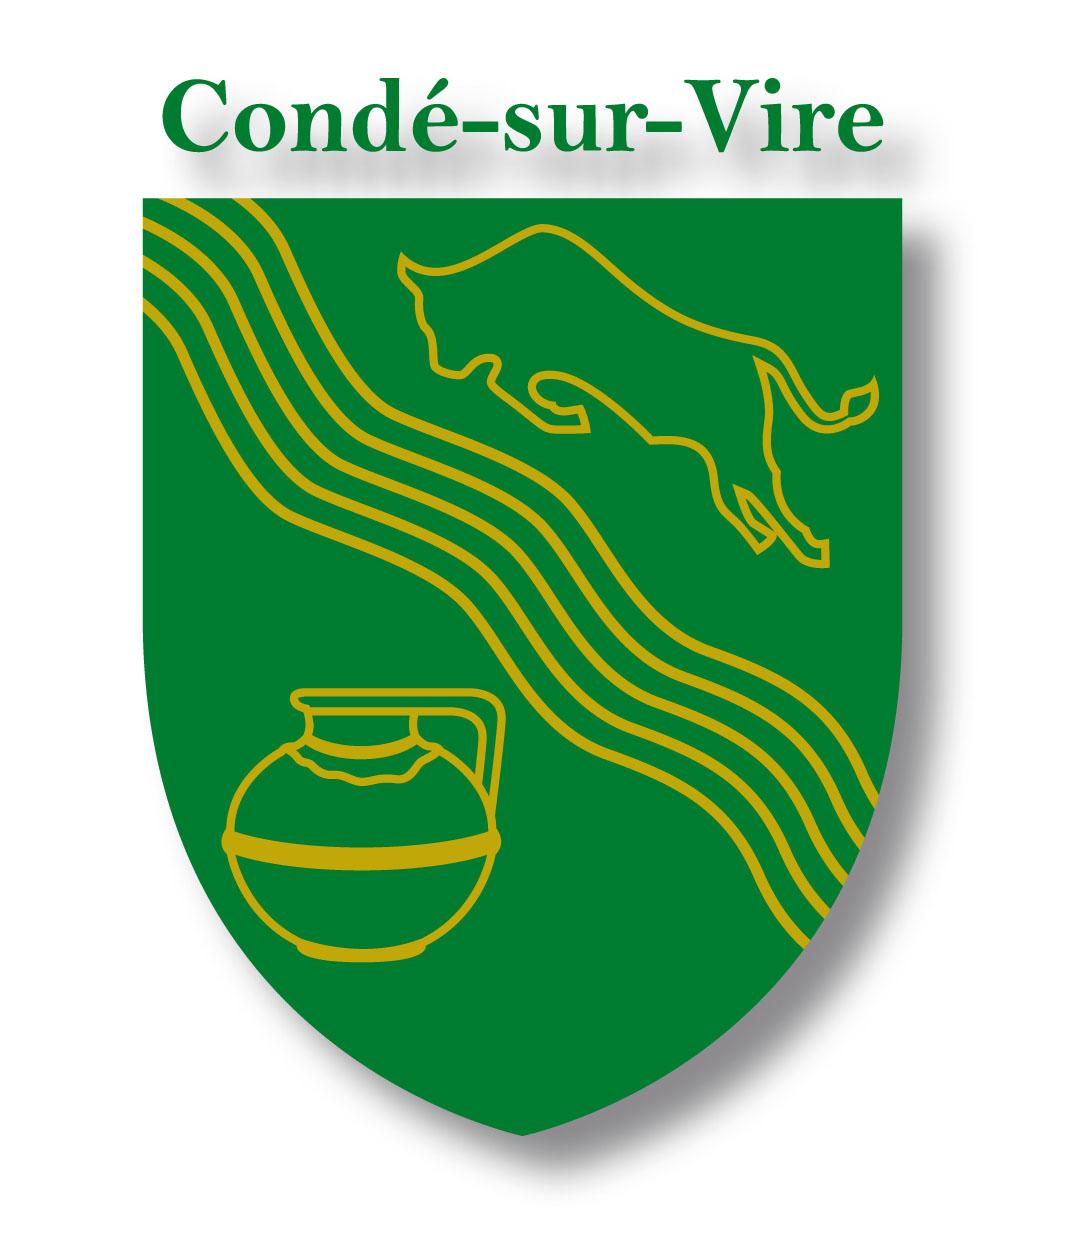 Numéro urgence vétérinaire CONDÉ-SUR-VIRE 50890